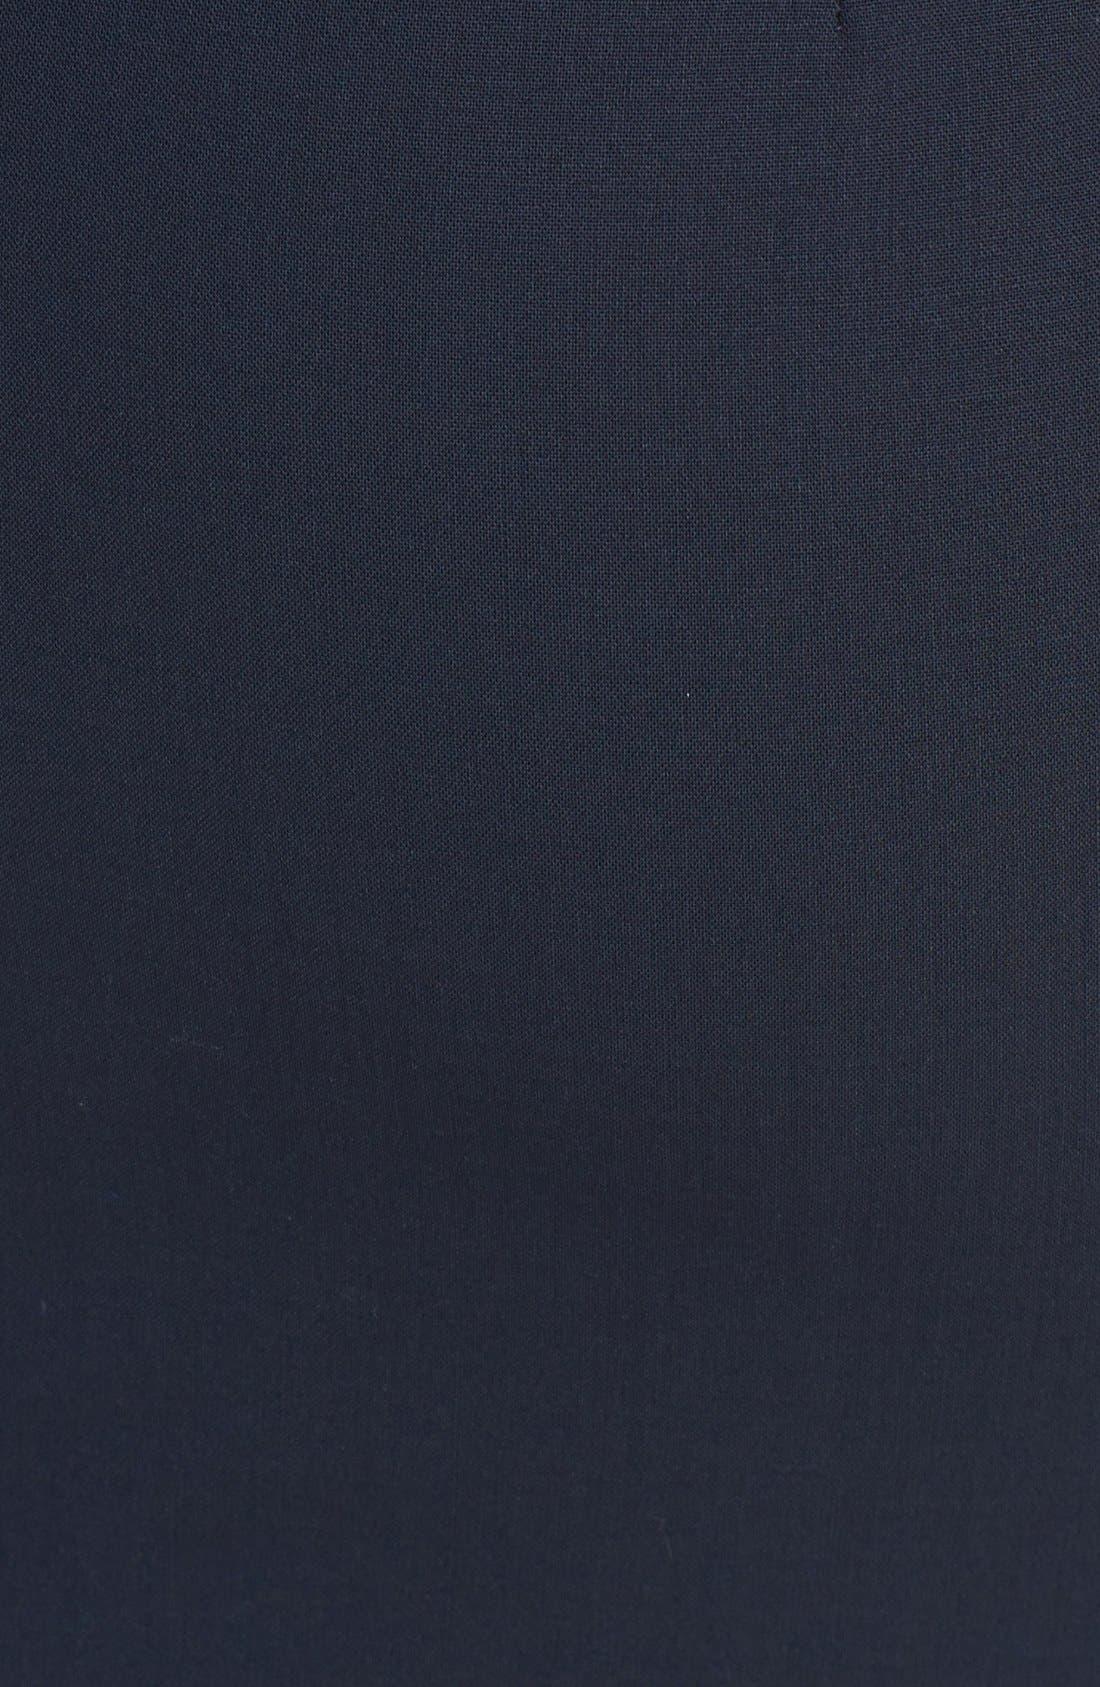 Alternate Image 3  - BOSS 'Vilina1' Skirt